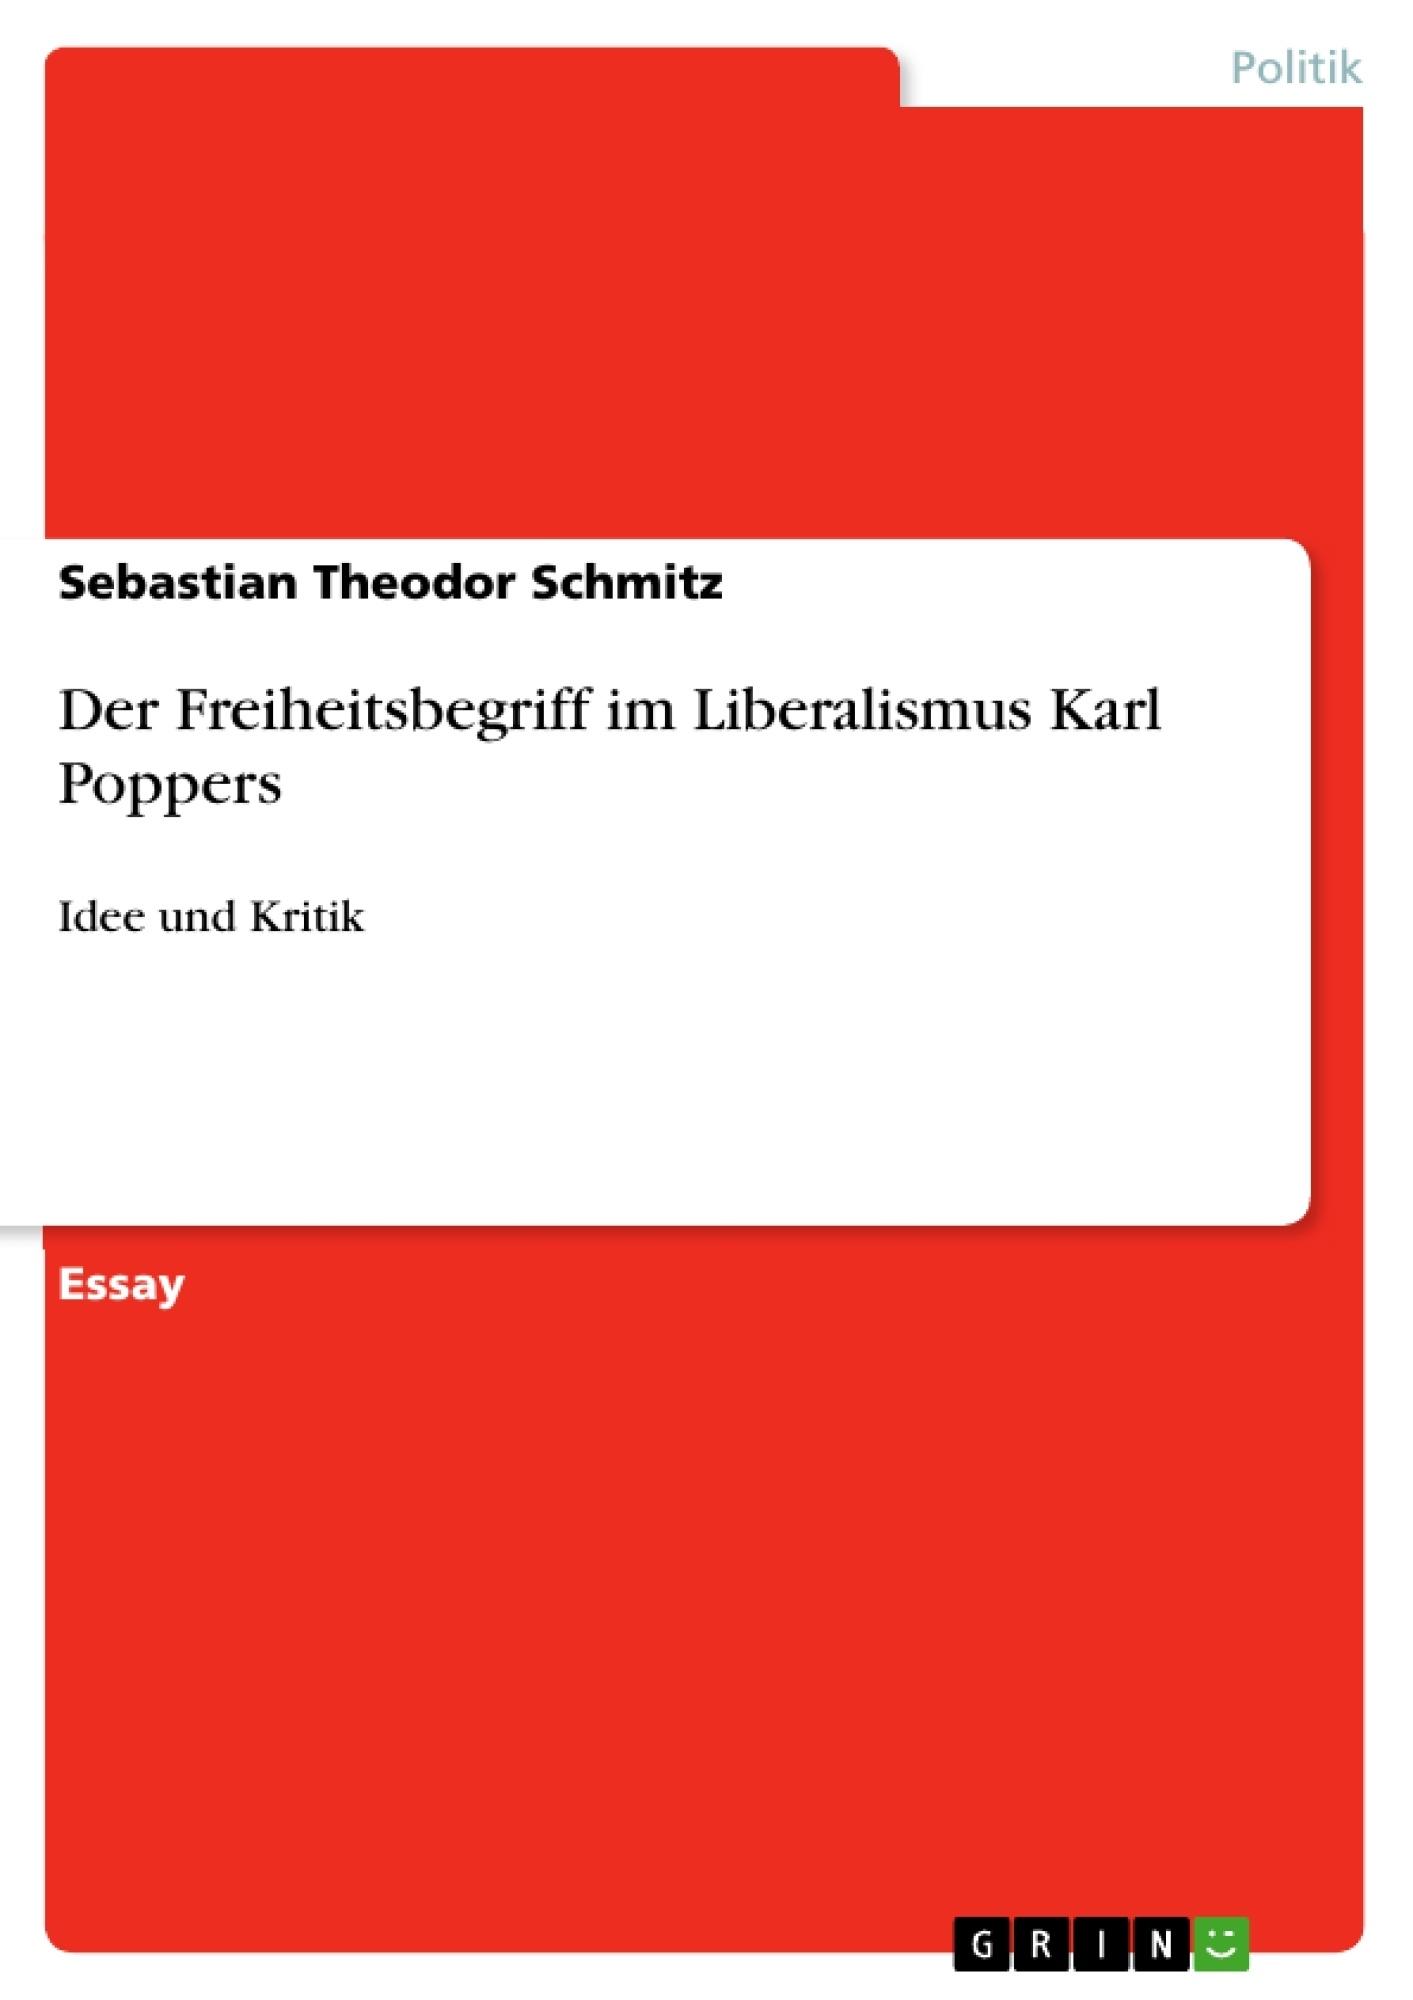 Titel: Der Freiheitsbegriff im Liberalismus Karl Poppers